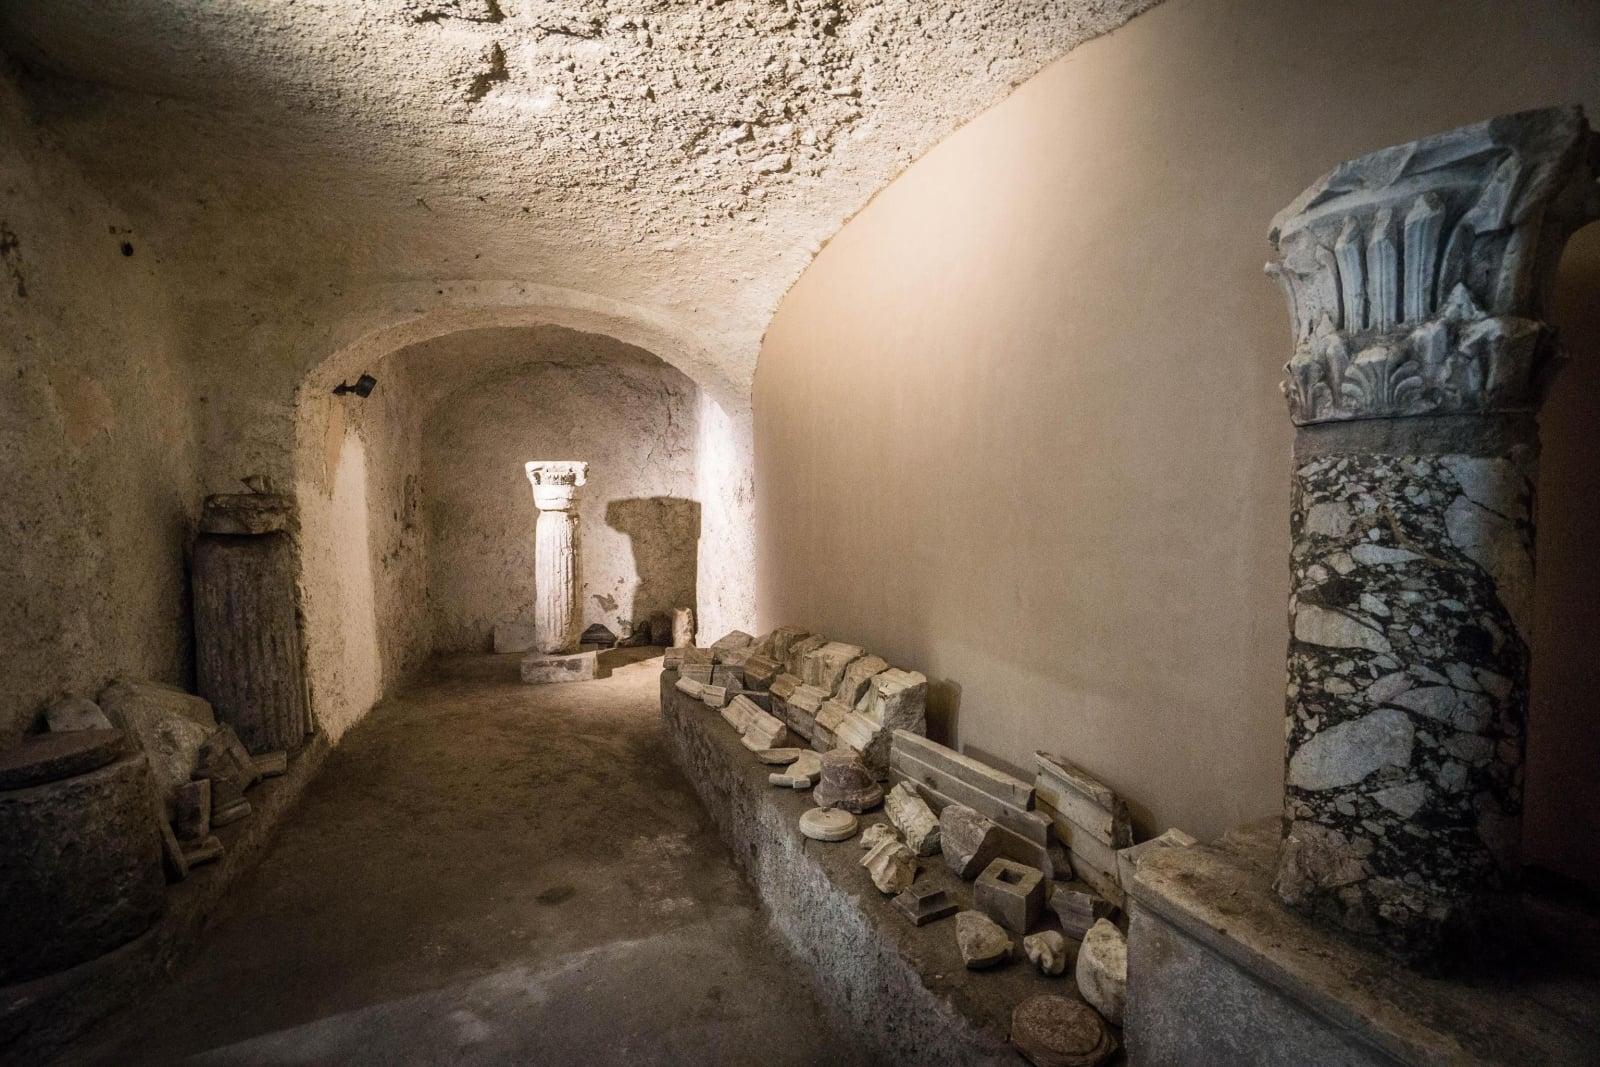 Wykopaliska w Herkulanum fot. EPA/CESARE ABBATE